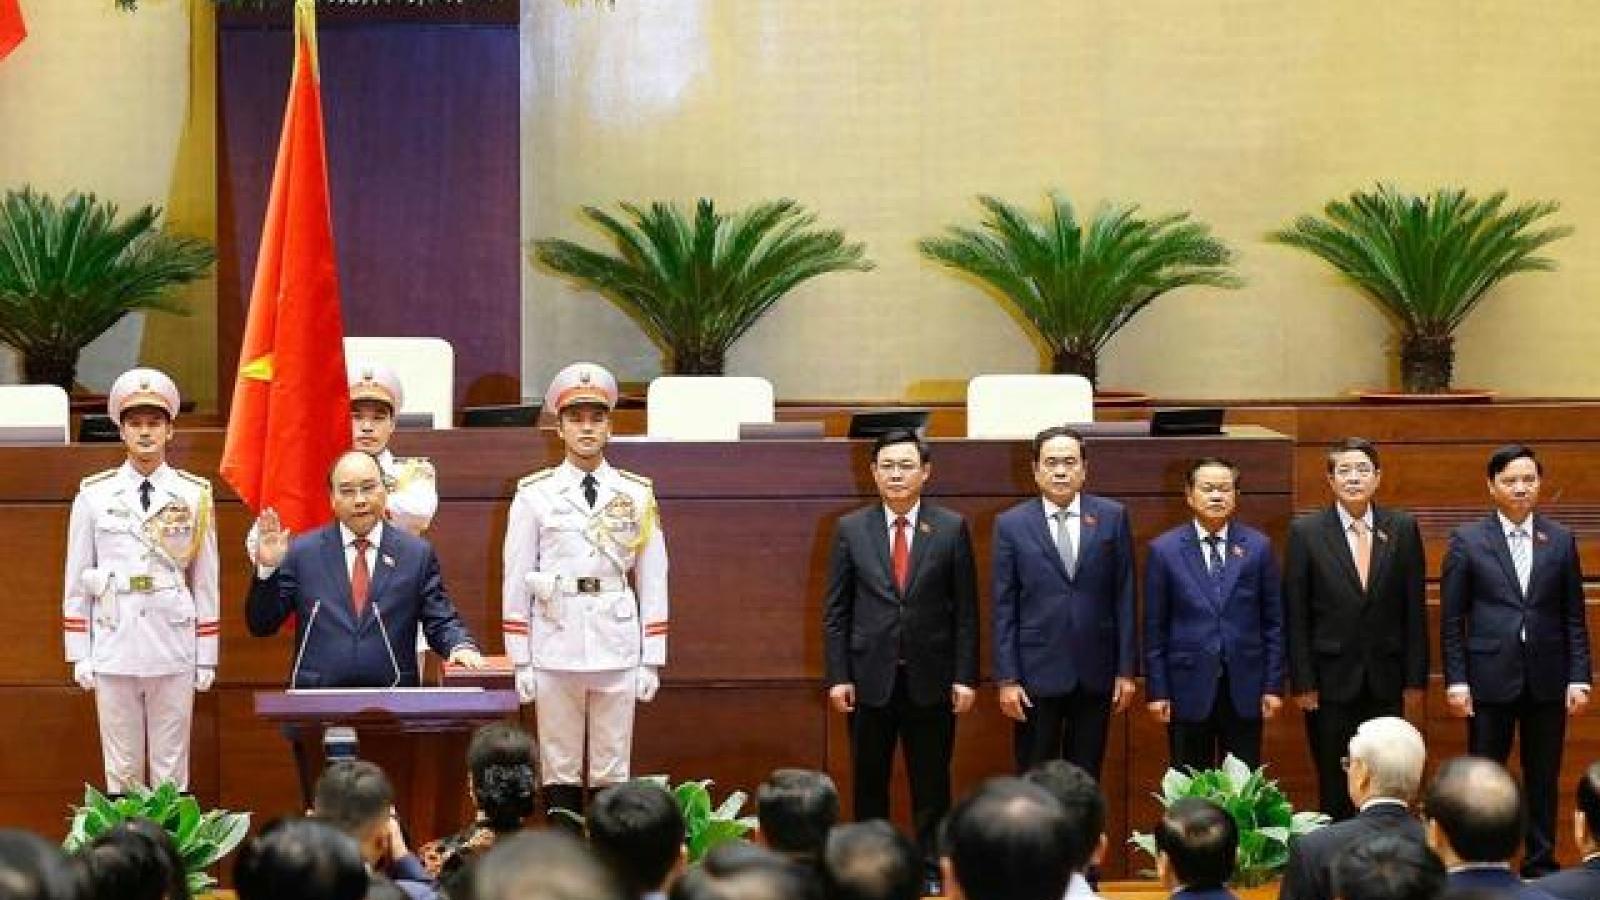 """Truyền thông Trung Quốc:Với ban lãnh đạo mới, Việt Nam sẽ """"nổi bật hơn"""" trong khu vực"""